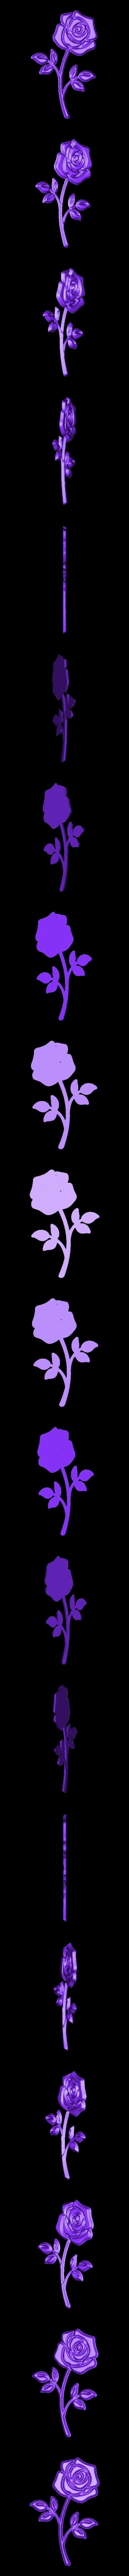 rosee.stl Télécharger fichier STL gratuit rose • Plan pour imprimante 3D, syzguru11